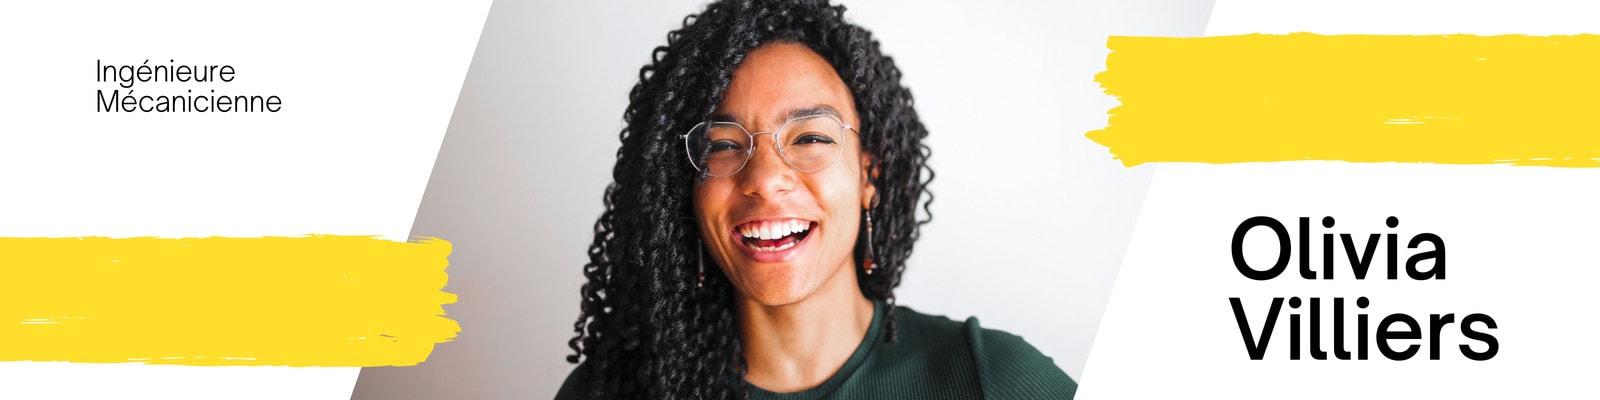 Jaune et Noir Global Réponse Ingénieur LinkedIn Bannière